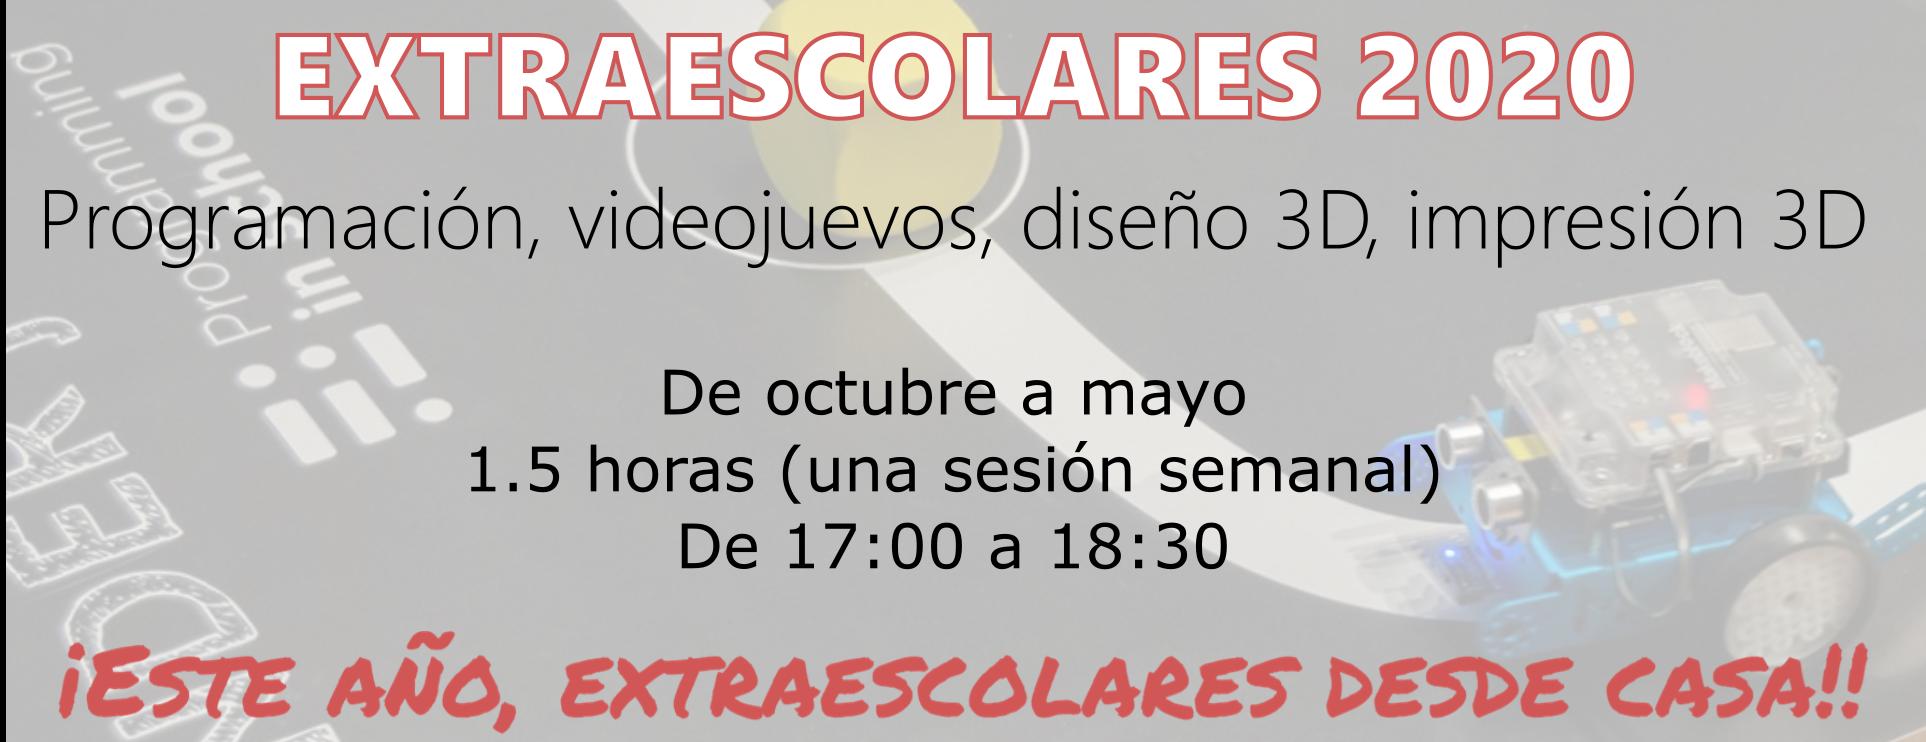 Extraescolares2020